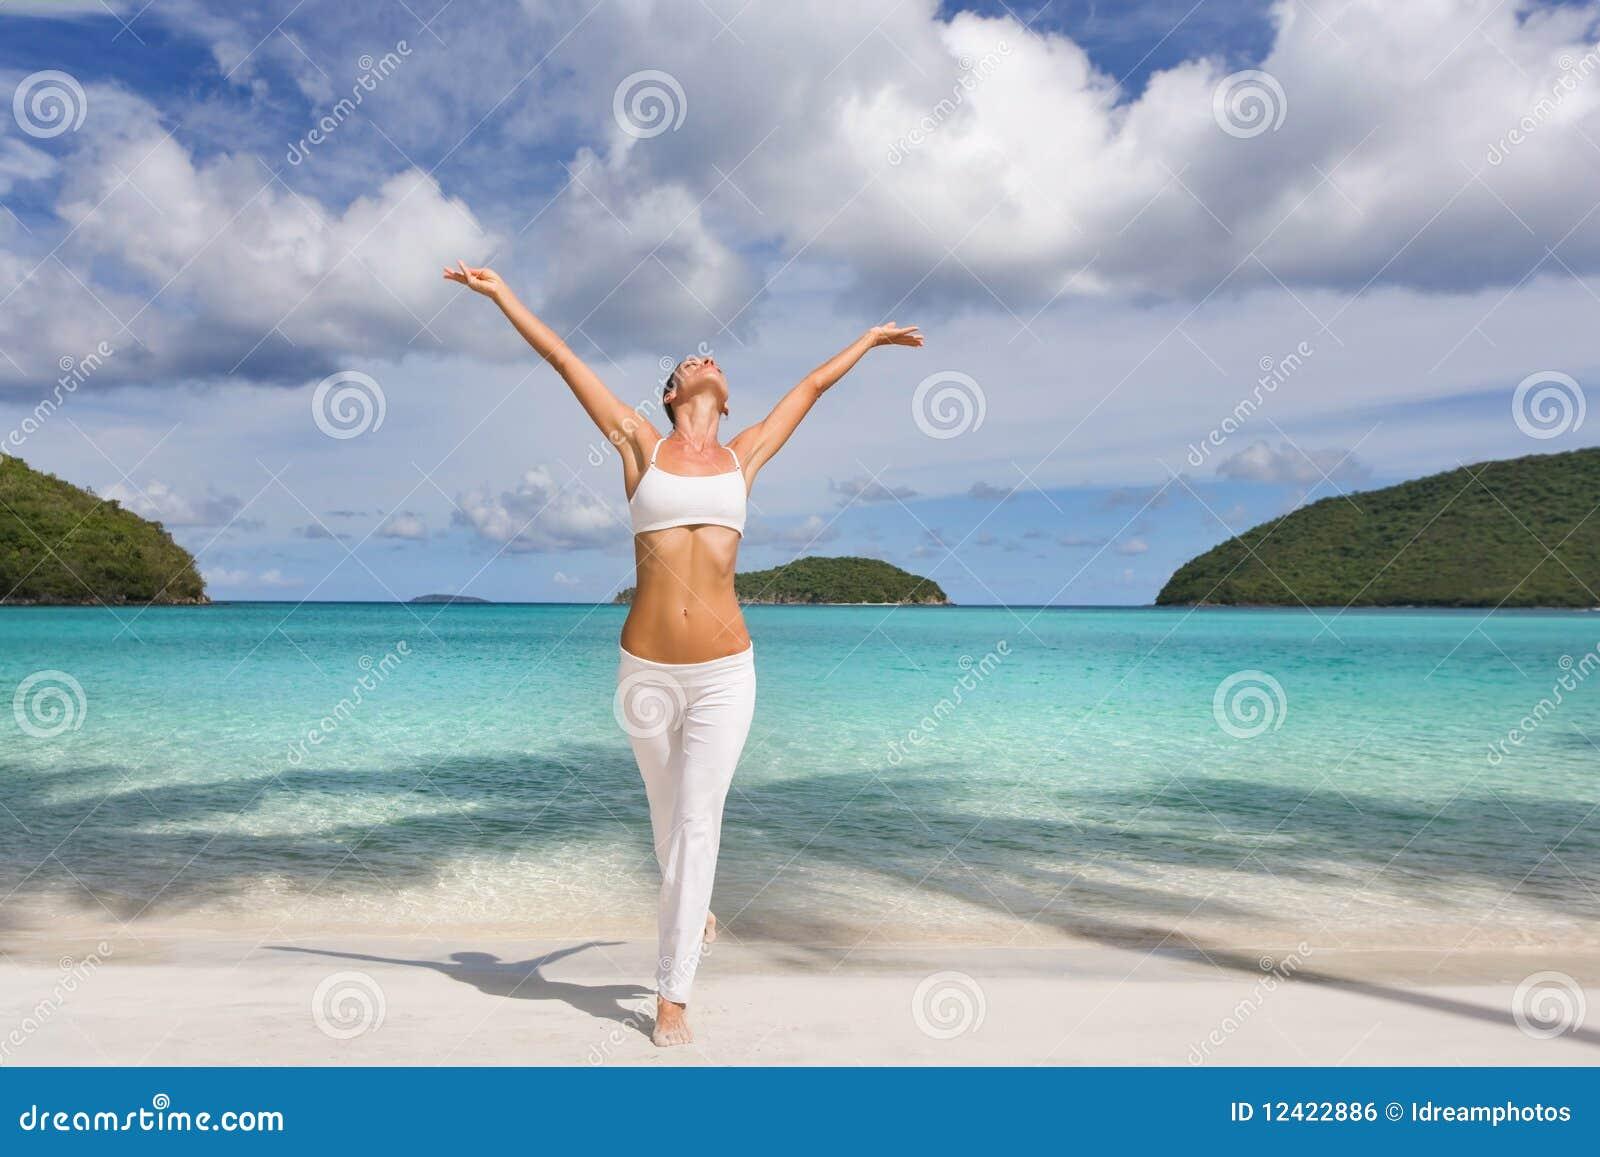 Woman healthy happy